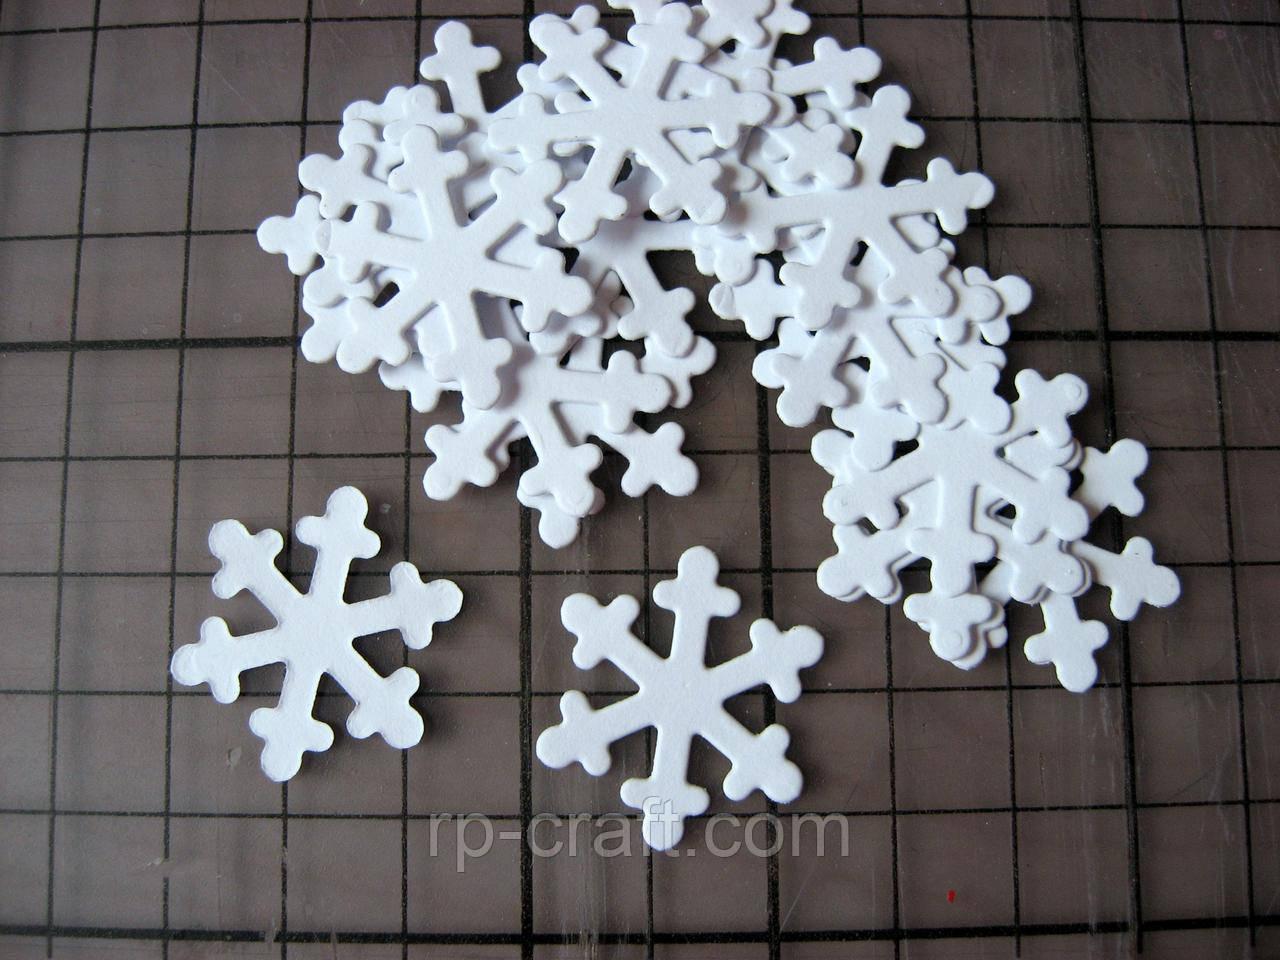 Набір вирубування з паперу та картону. Сніжинка 25 мм, 20 штук, мікс